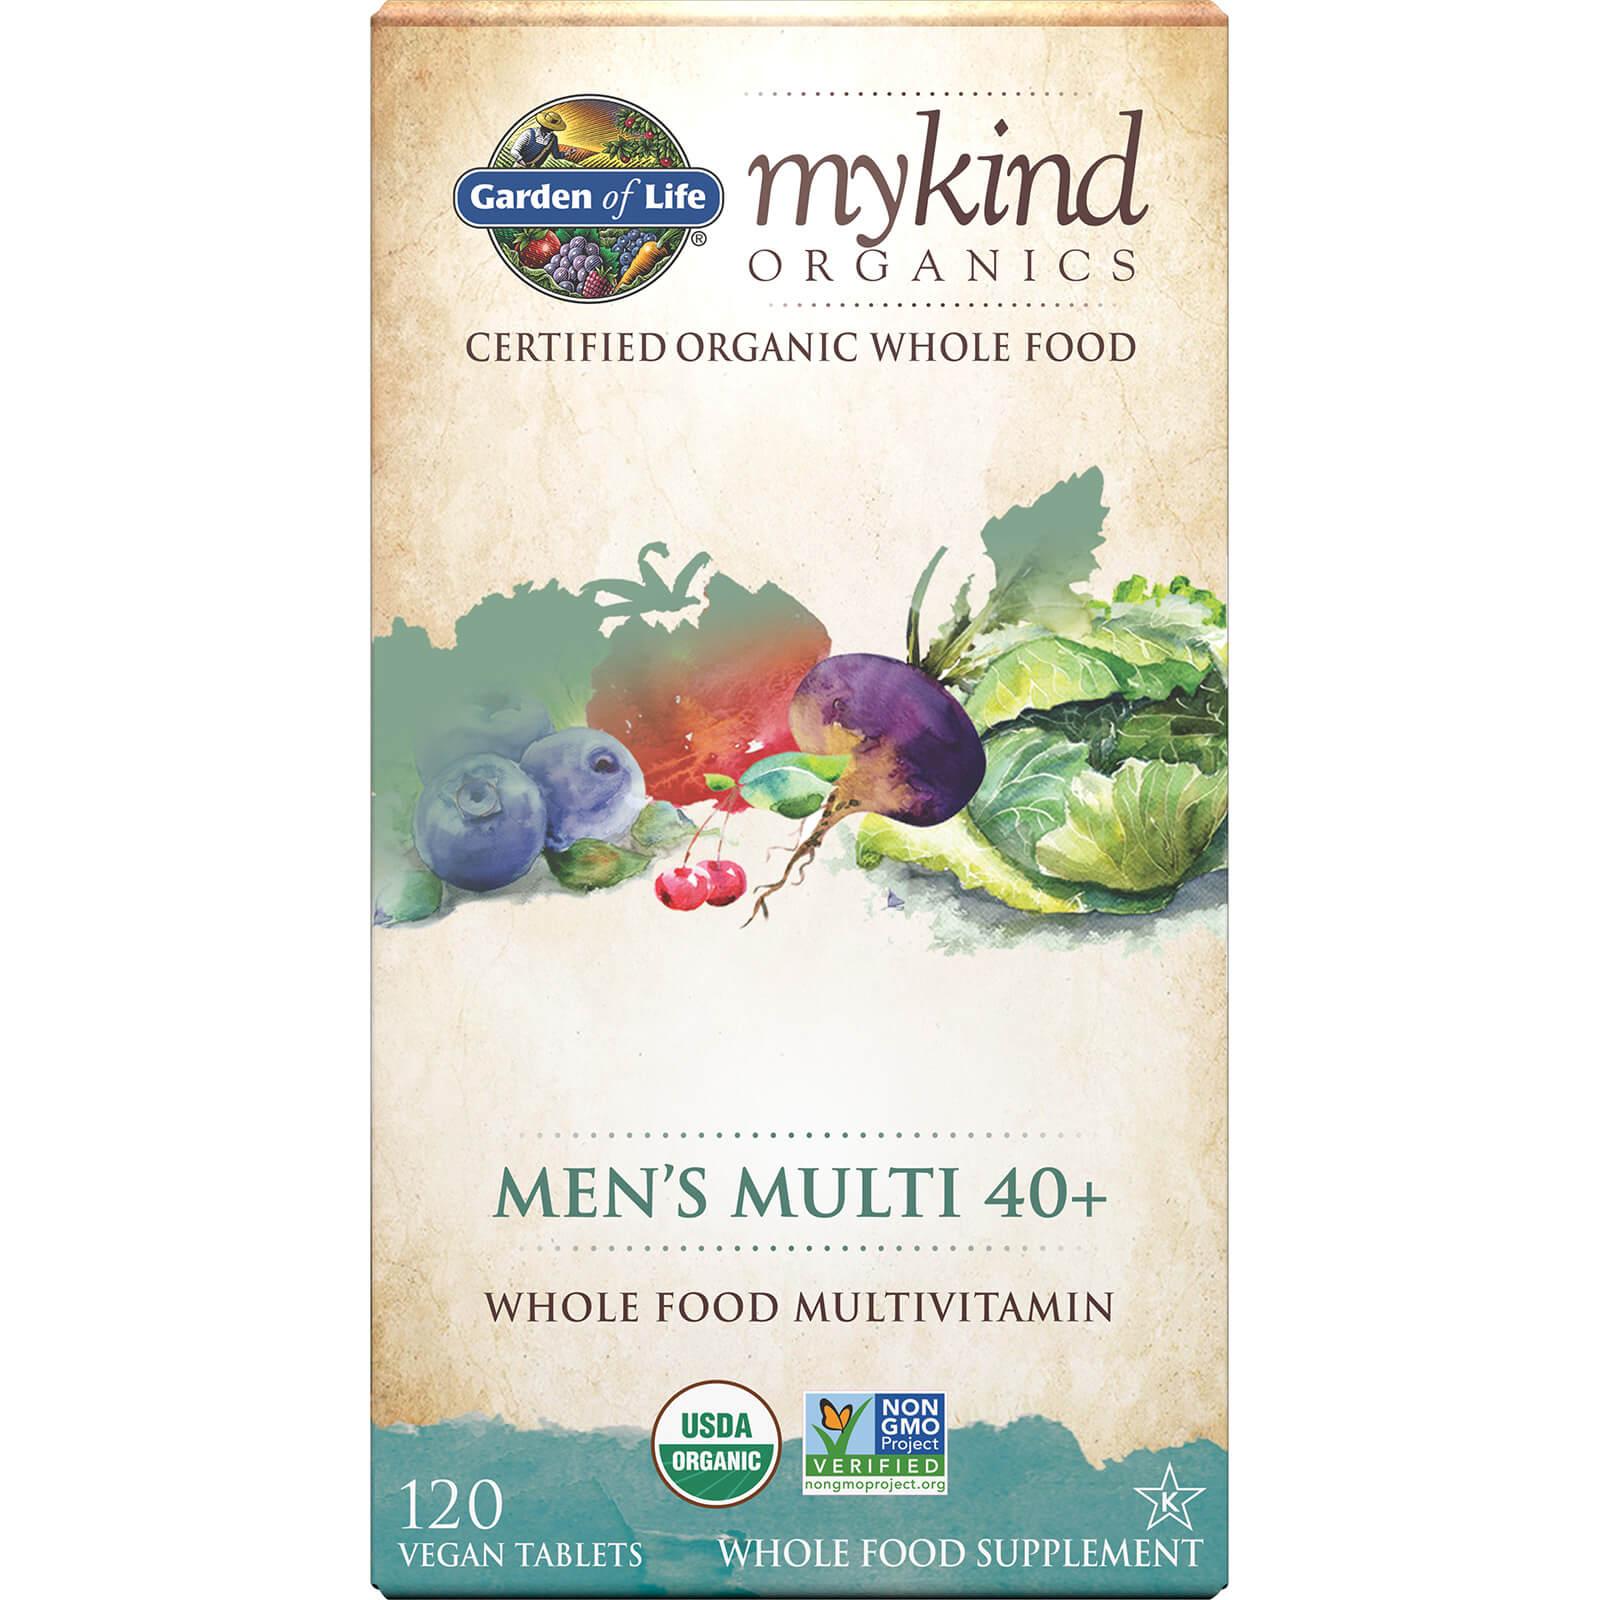 mykind Organics Multivitaminen Mannen 40+ - 120 tabletten